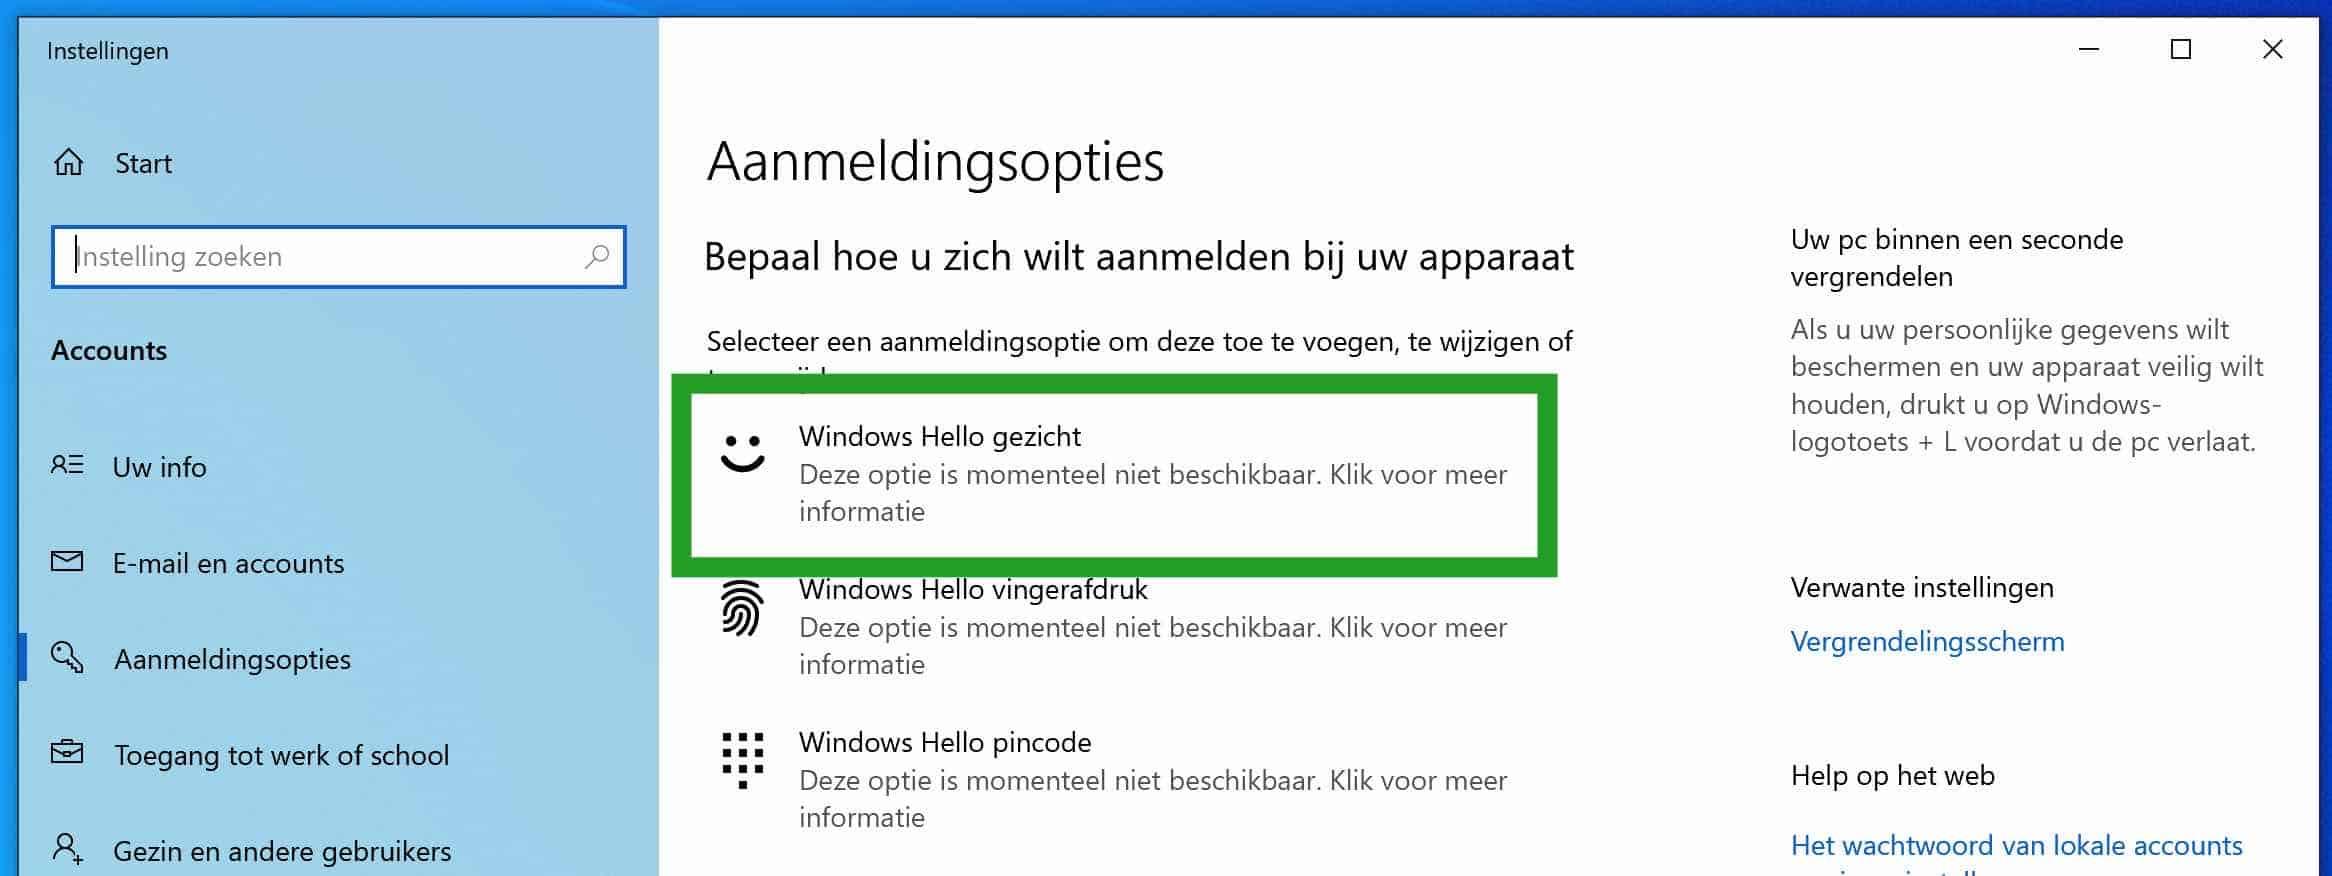 Windows hello is niet beschikbaar